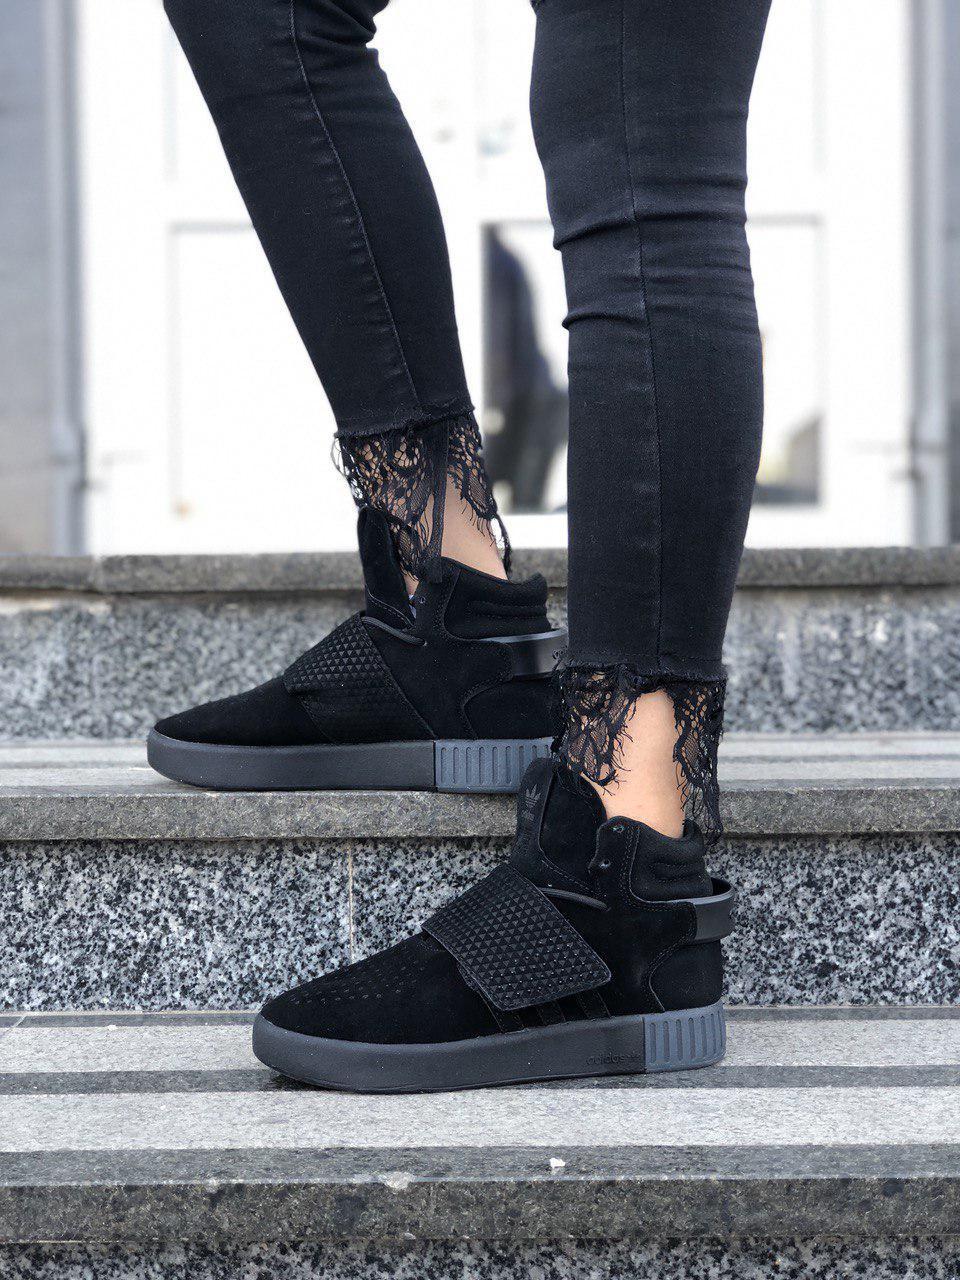 5fe3a568e Женские замшевые весенние кроссовки Adidas Tubular черные(Реплика ...